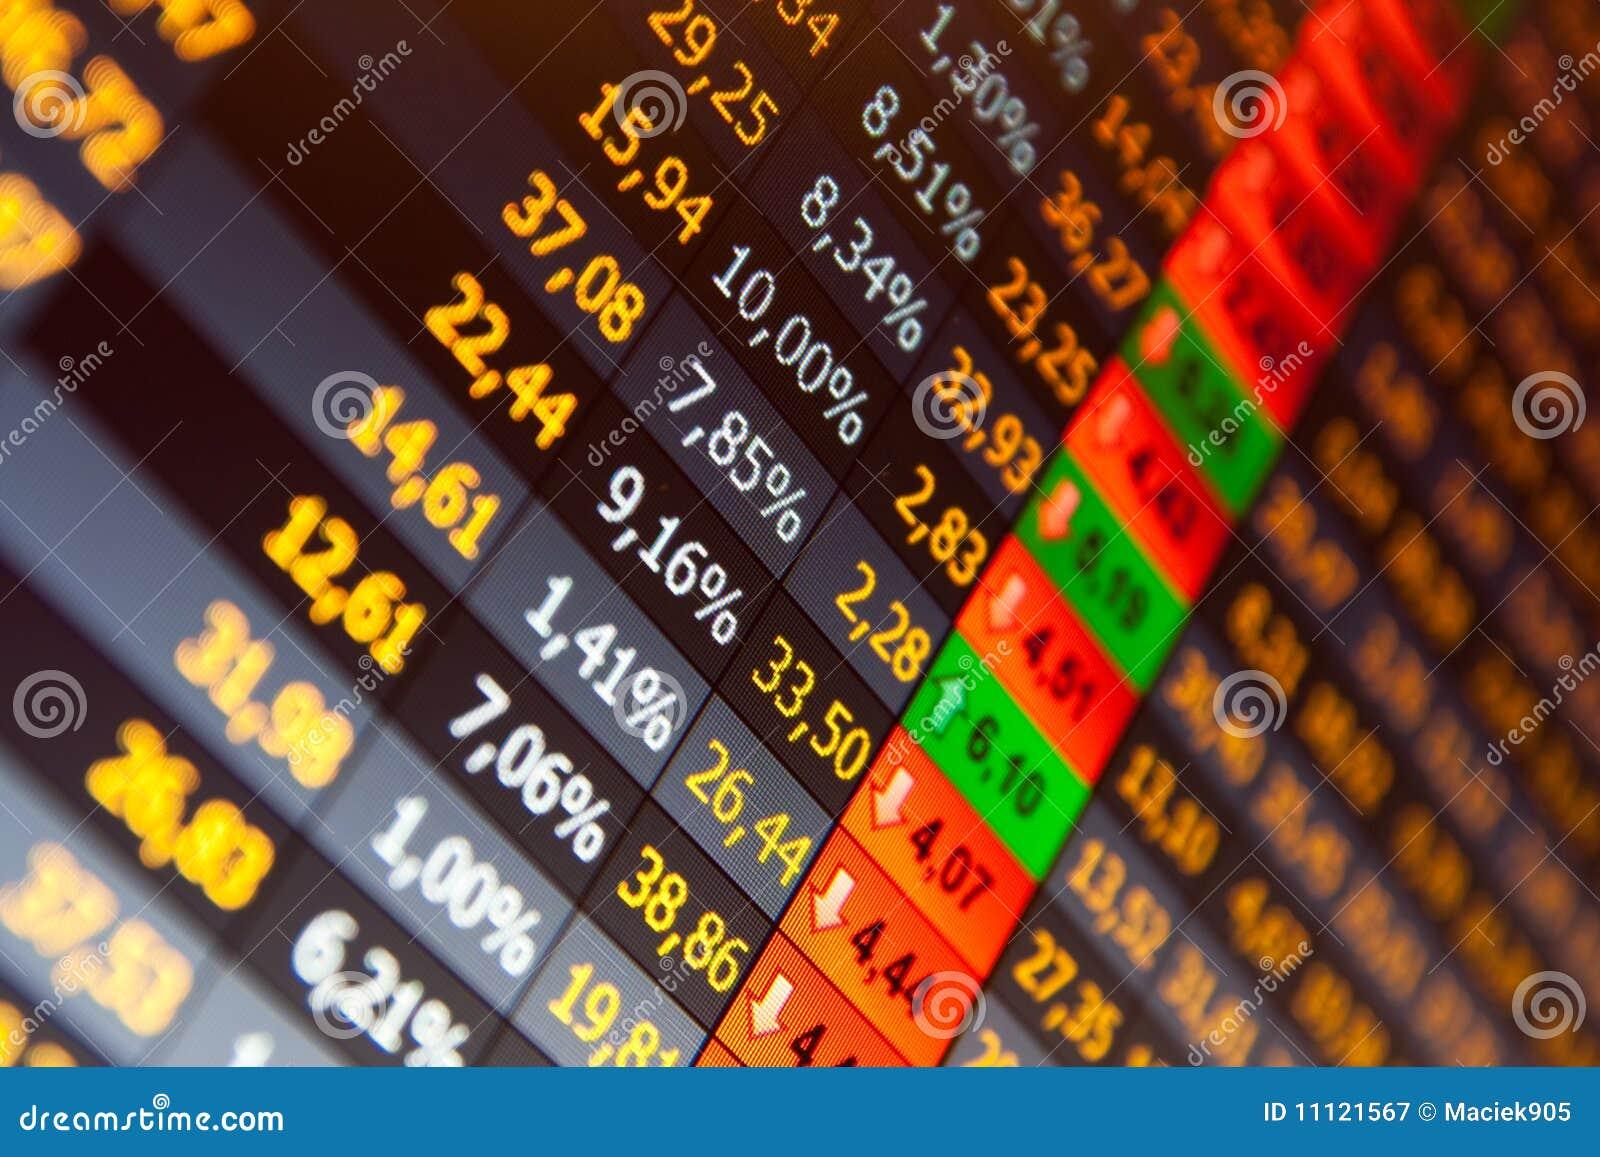 Troca conservada em estoque de dados financeiros